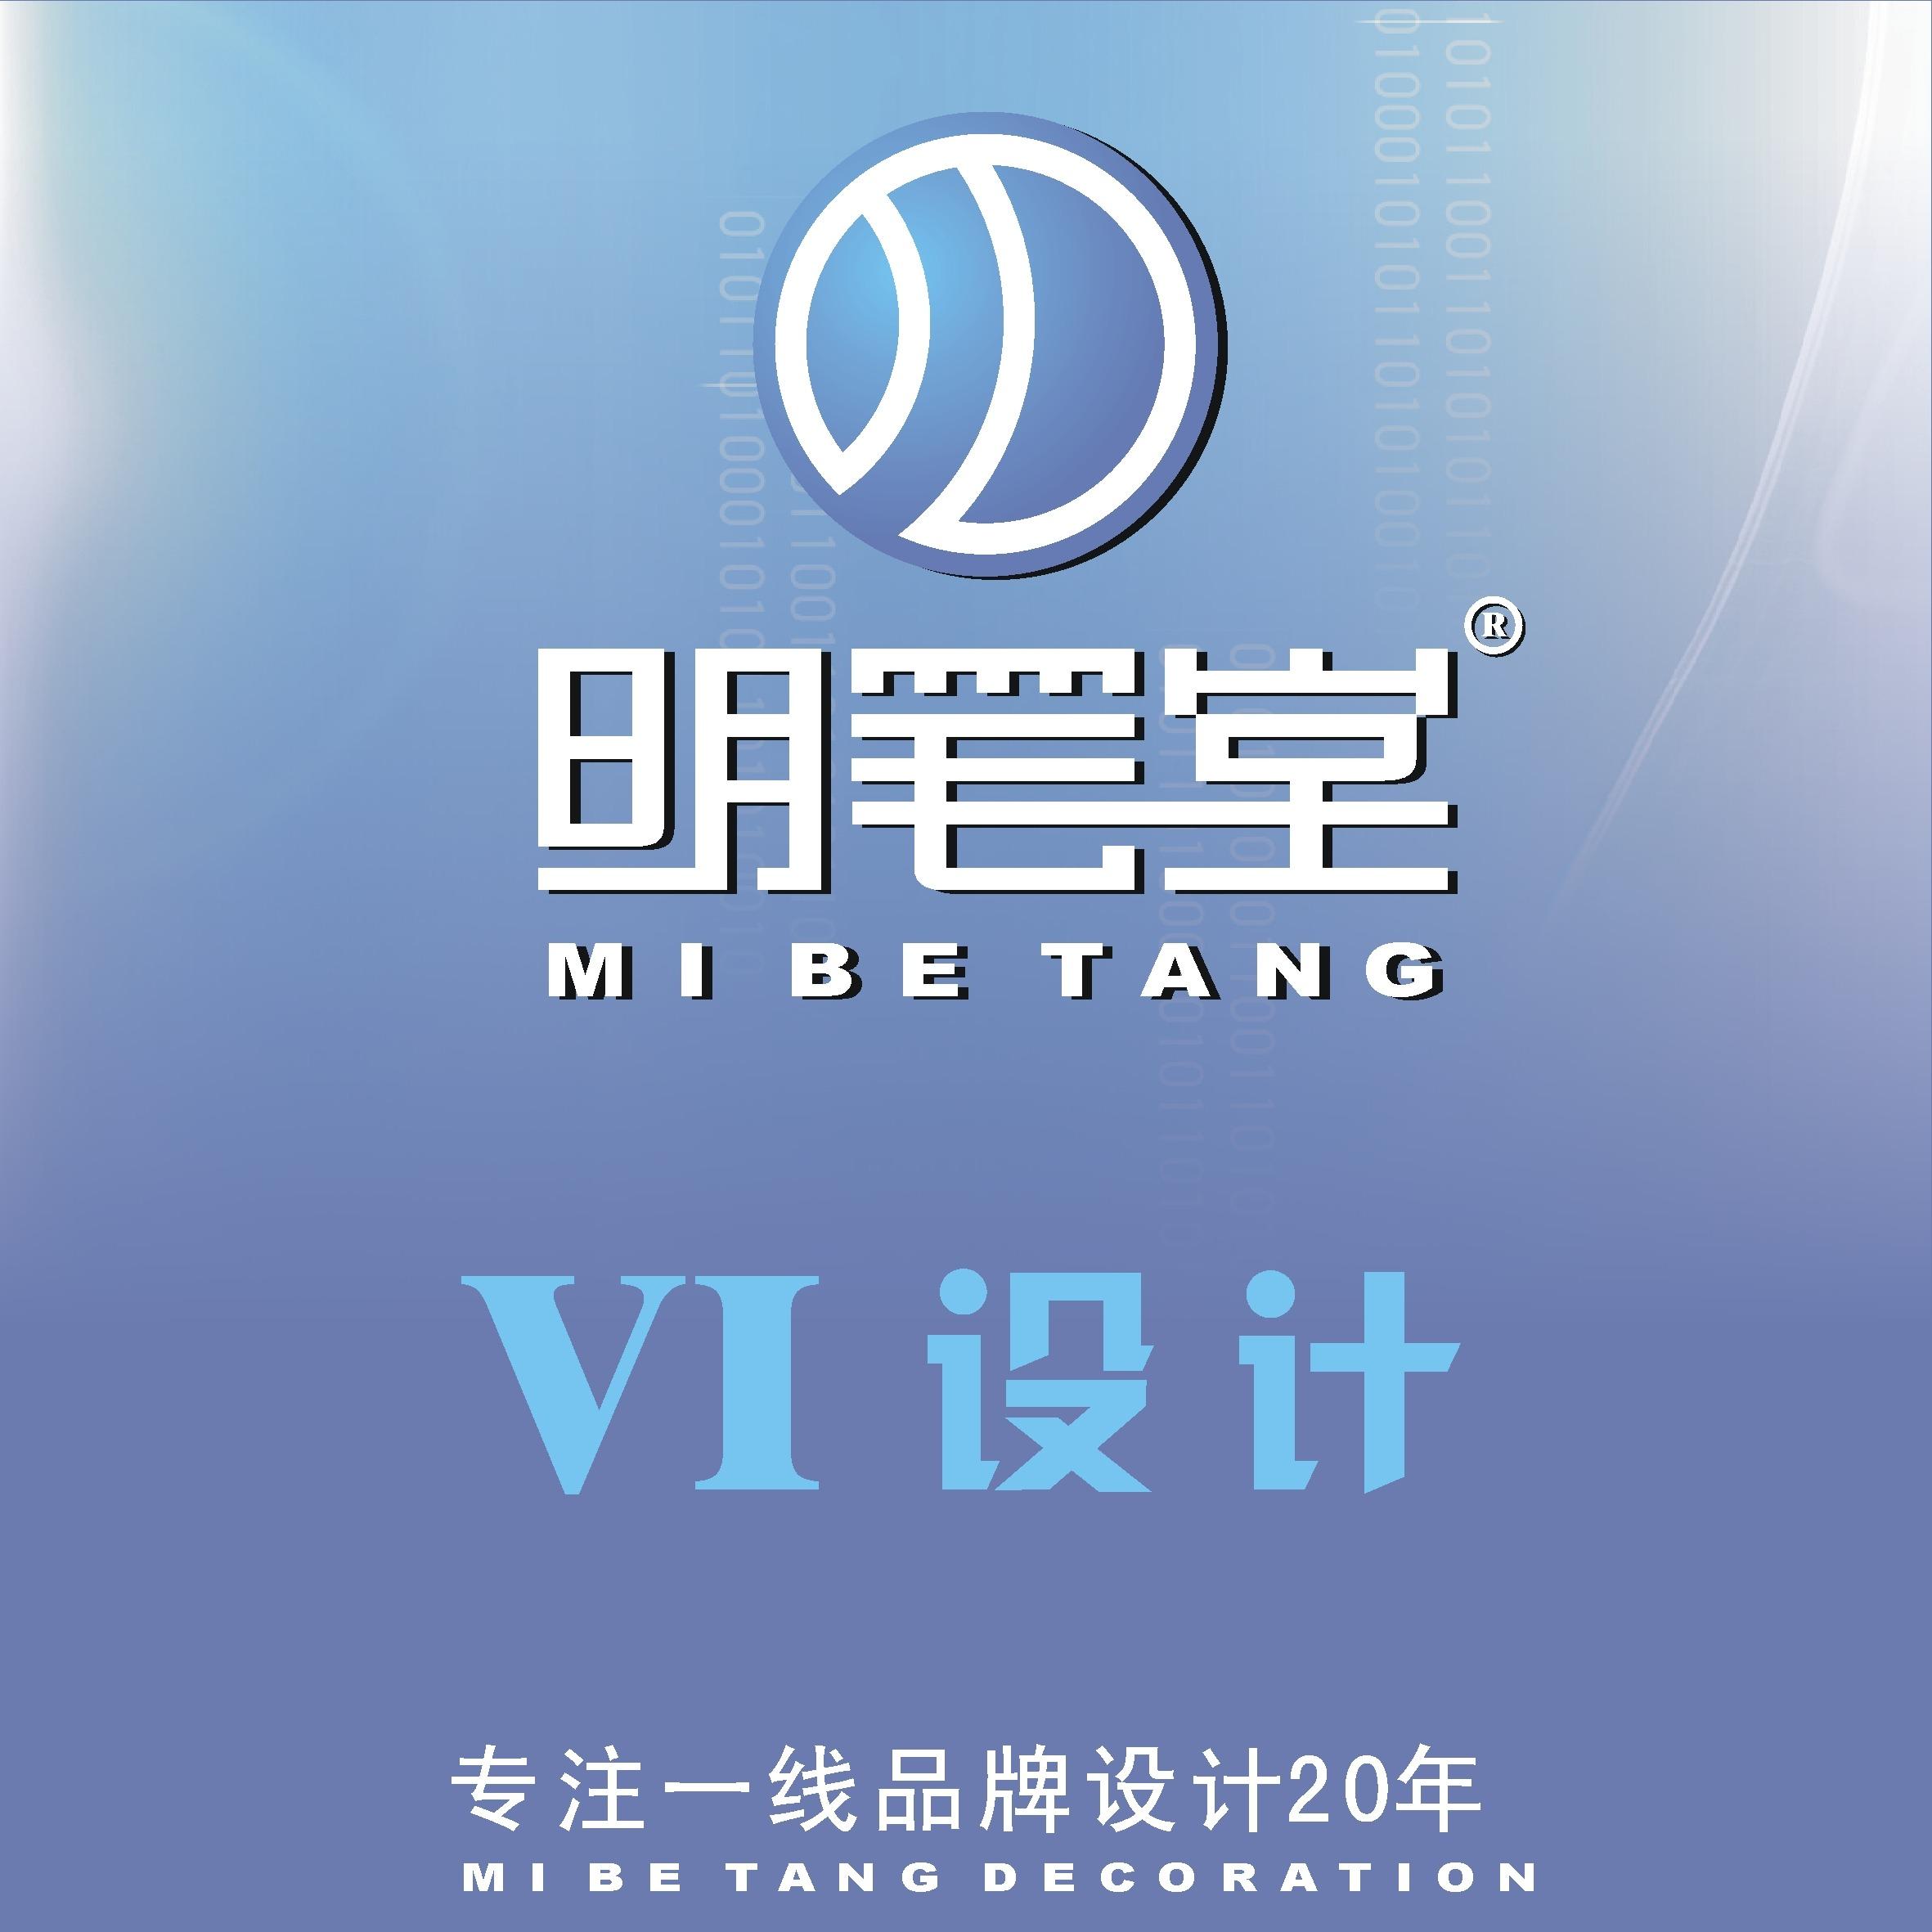 文化教育培训奶茶茶饮餐饮企业 VI 房地产行业 VI 品牌 VI设计